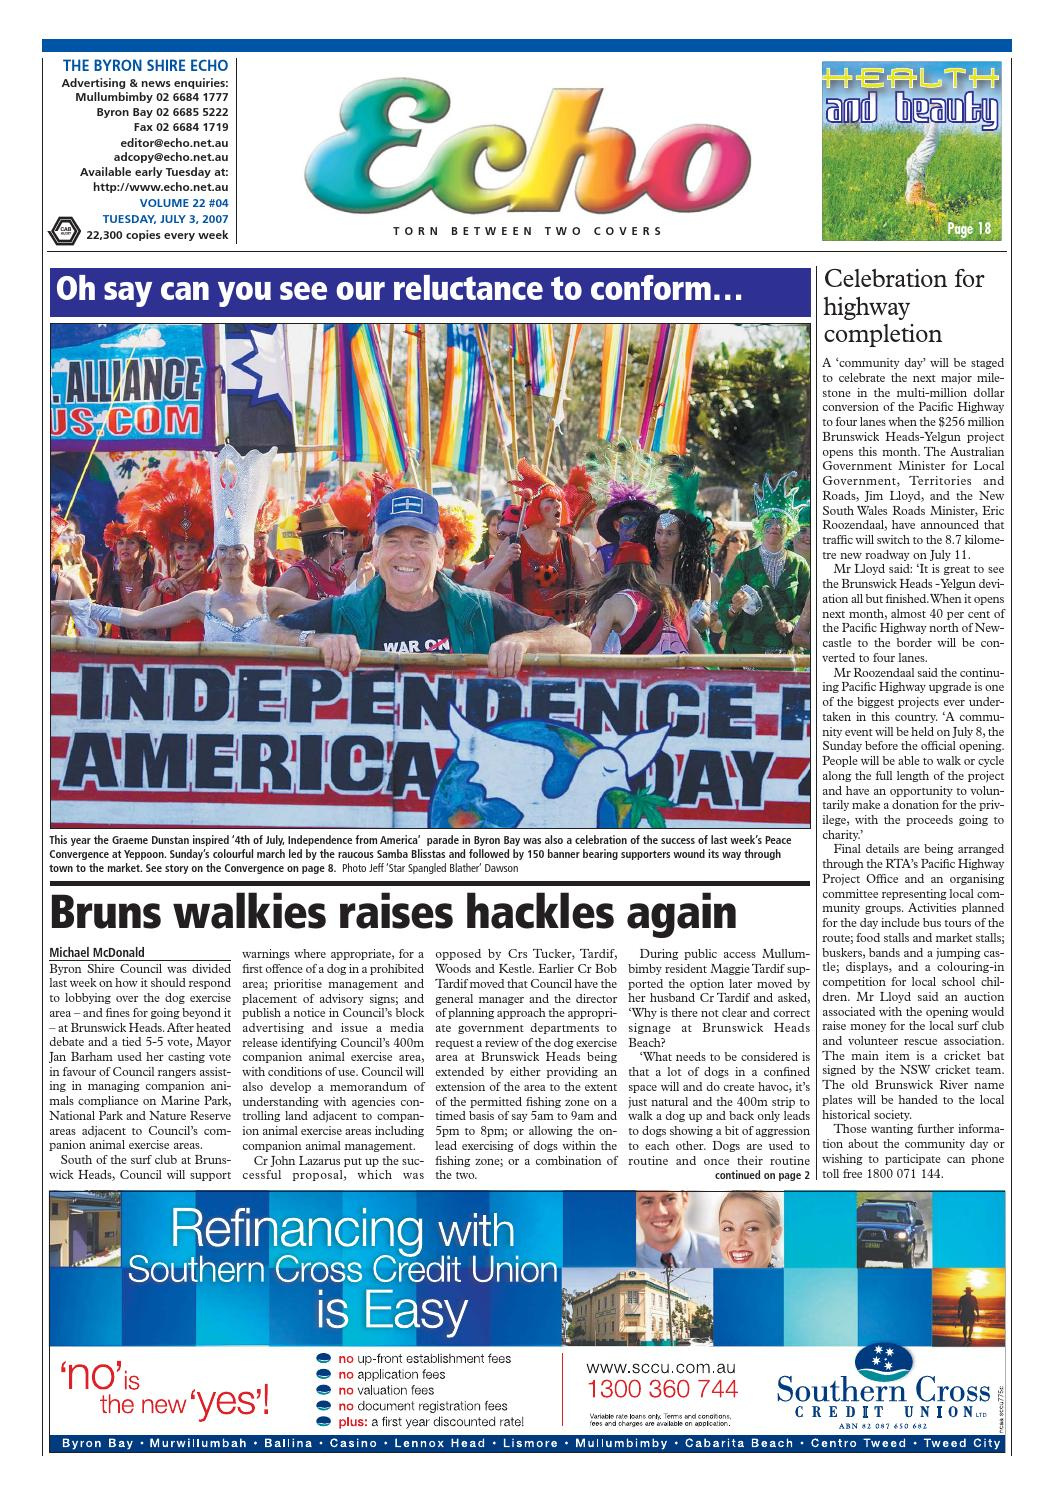 Byron Shire Echo Issue 22 04 03 07 07 By Echo Publications Issuu